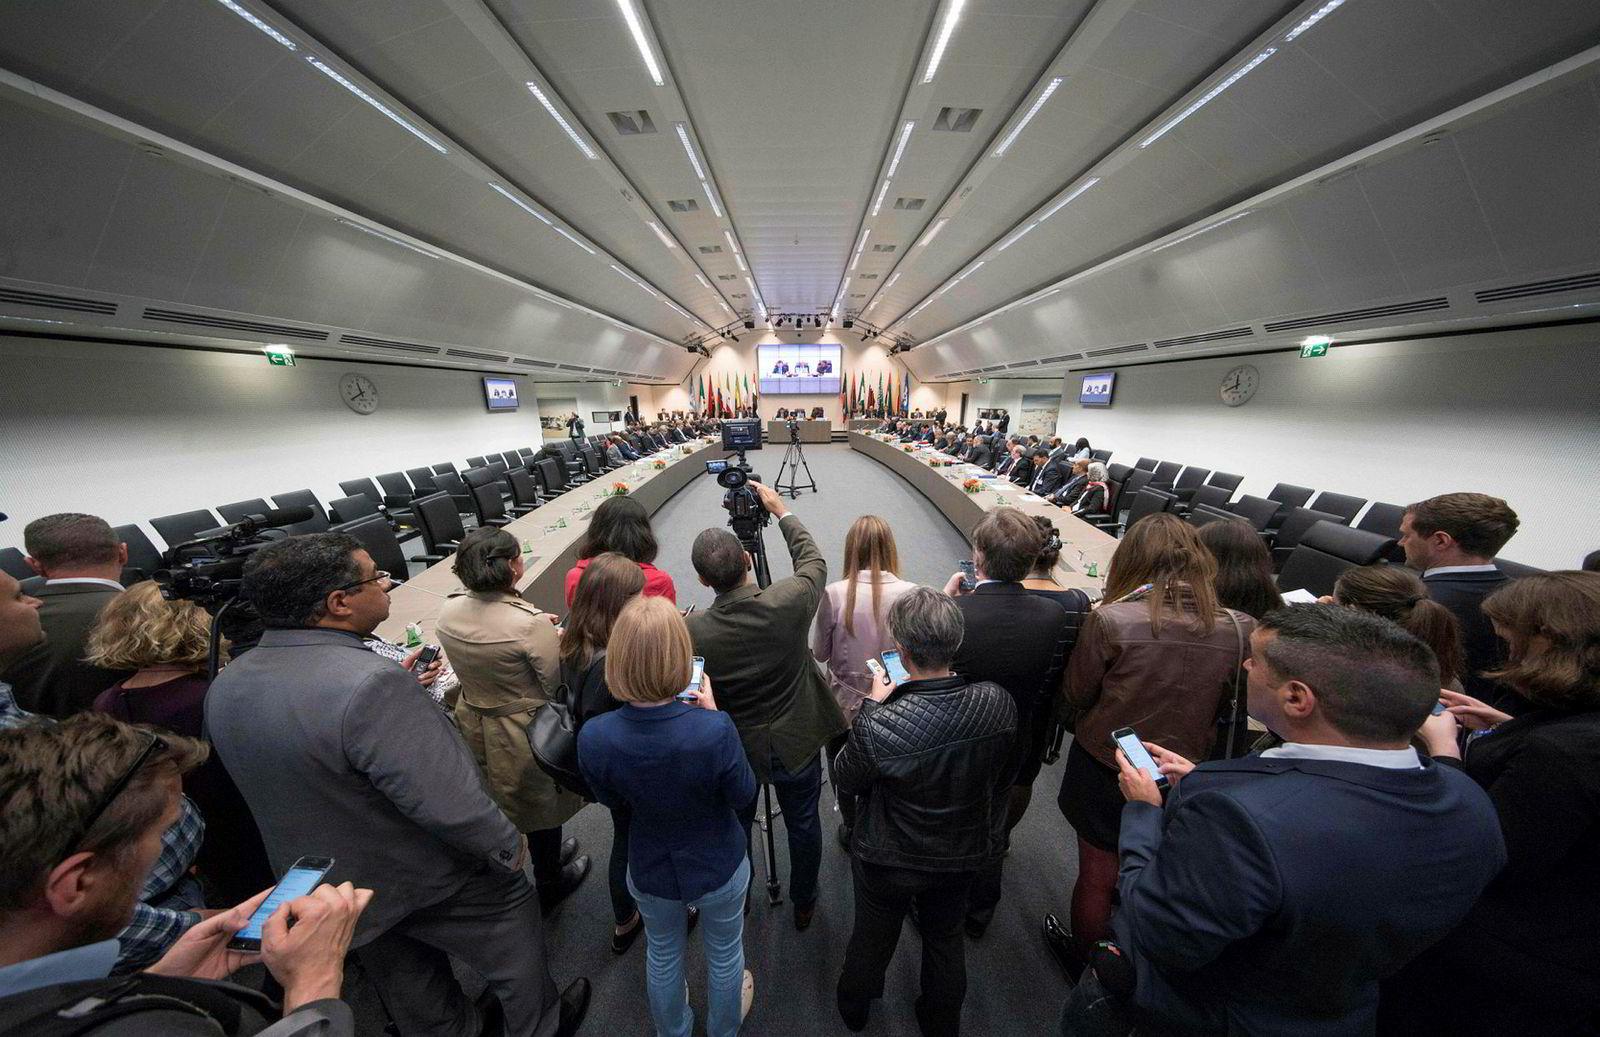 Spenningen er stor foran ukens møte mellom de 24 landene som har inngått avtalen om kutt i oljeproduksjonen. Bildet er fra et møte i Opec-hovedkvarteret i Wien tidligere i år.